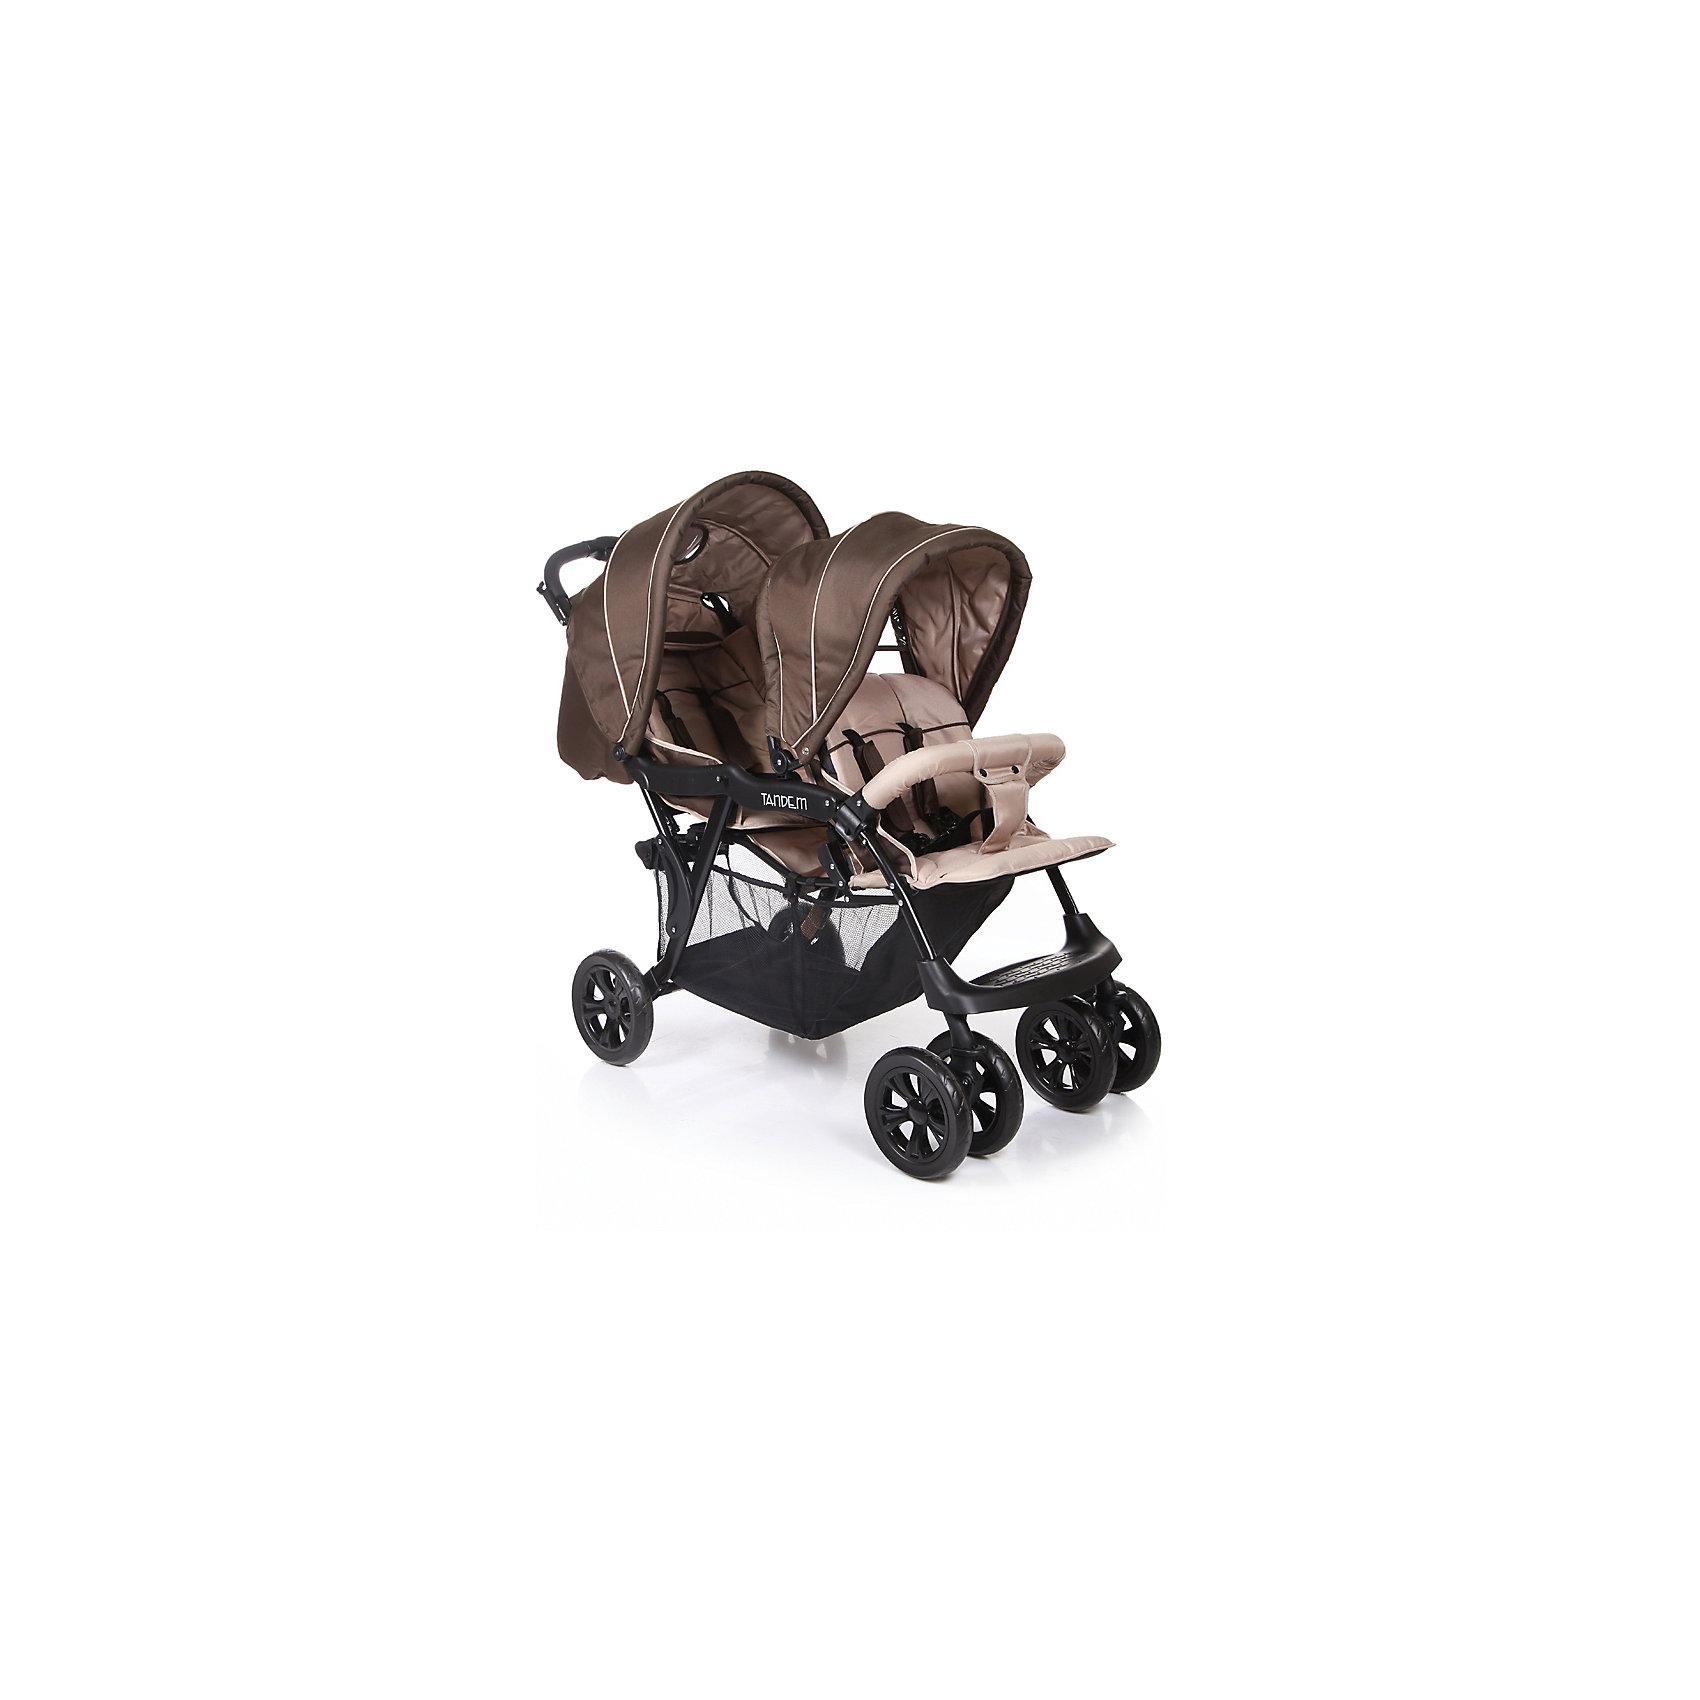 Прогулочная коляска для двойни Baby Care Tandem, коричневый/бежевыйПрогулочные коляски<br>Характеристики прогулочной коляски для двойни Baby Care Tandem:<br><br>• расположение прогулочных блоков «паровозиком»;<br>• регулировка наклона спинки заднего блока при помощи ремешков;<br>• регулировка наклона спинки переднего блока в 2 положениях;<br>• на переднем блоке съемный бампер с перемычкой между ножек;<br>• 5-ти точечные ремни безопасности с мягкими накладками;<br>• независимая регулировка капюшонов;<br>• карман для мелочей и смотровое окошко на капюшоне заднего блока;<br>• регулируемая пластиковая подножка;<br>• материал: полиэстер.<br><br>Прогулочная коляска для двойни Baby Care Tandem — практичная и удобная коляска для двойняшек или погодок в возрасте от 6 месяцев. Просторные сидения, мягкие ткани, регулируемые спинки обеспечивают малышам комфортную прогулку. Большие капюшоны защищают от непогоды и солнечных лучей. В комплекте накидка на ножки для каждого блока для защиты от ветра в прохладную погоду.<br><br>Шасси коляски:<br><br>• металлическая прочная рама;<br>• тип складывания: «книжка»;<br>• передние поворотные колеса сдвоенные, с возможностью блокировки;<br>• задние колеса одинарные;<br>• тип колес: пластиковые;<br>• диаметр передних колес 20,3 см, задних — 25,4 см;<br>• ширина колесной базы 57 см;<br>• вместительная корзина для покупок, размером 70х31х25 см;<br>• задний стояночный тормоз.<br><br>Размер коляски в разложенном виде 120х57х112 см<br>Размер коляски в сложенном виде 99х57х37 см<br>Вес коляски 13,5 кг<br>Размер упаковки 94х47х32 см<br>Вес в упаковке 15,5 кг<br><br>Комплектация:<br><br>• 2 прогулочных блока;<br>• корзина для покупок;<br>• 2 накидки на ножки;<br>• инструкция.<br><br>Прогулочную коляску для двойни Baby Care Tandem коричневую можно приобрести в нашем интернет-магазине.<br><br>Ширина мм: 940<br>Глубина мм: 470<br>Высота мм: 320<br>Вес г: 15500<br>Возраст от месяцев: 6<br>Возраст до месяцев: 36<br>Пол: Унисекс<br>Возраст: Детский<br>SKU: